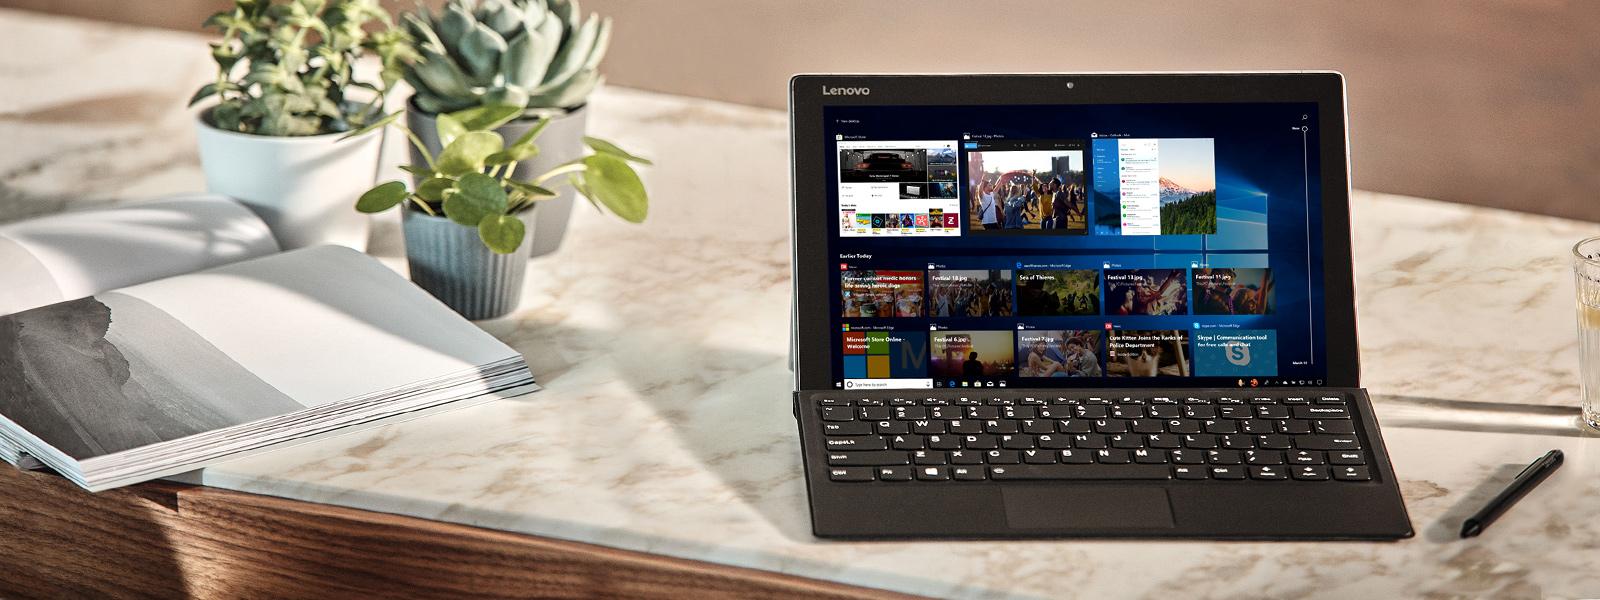 电脑屏幕上显示 Windows 10 2018 年 4 月更新的功能